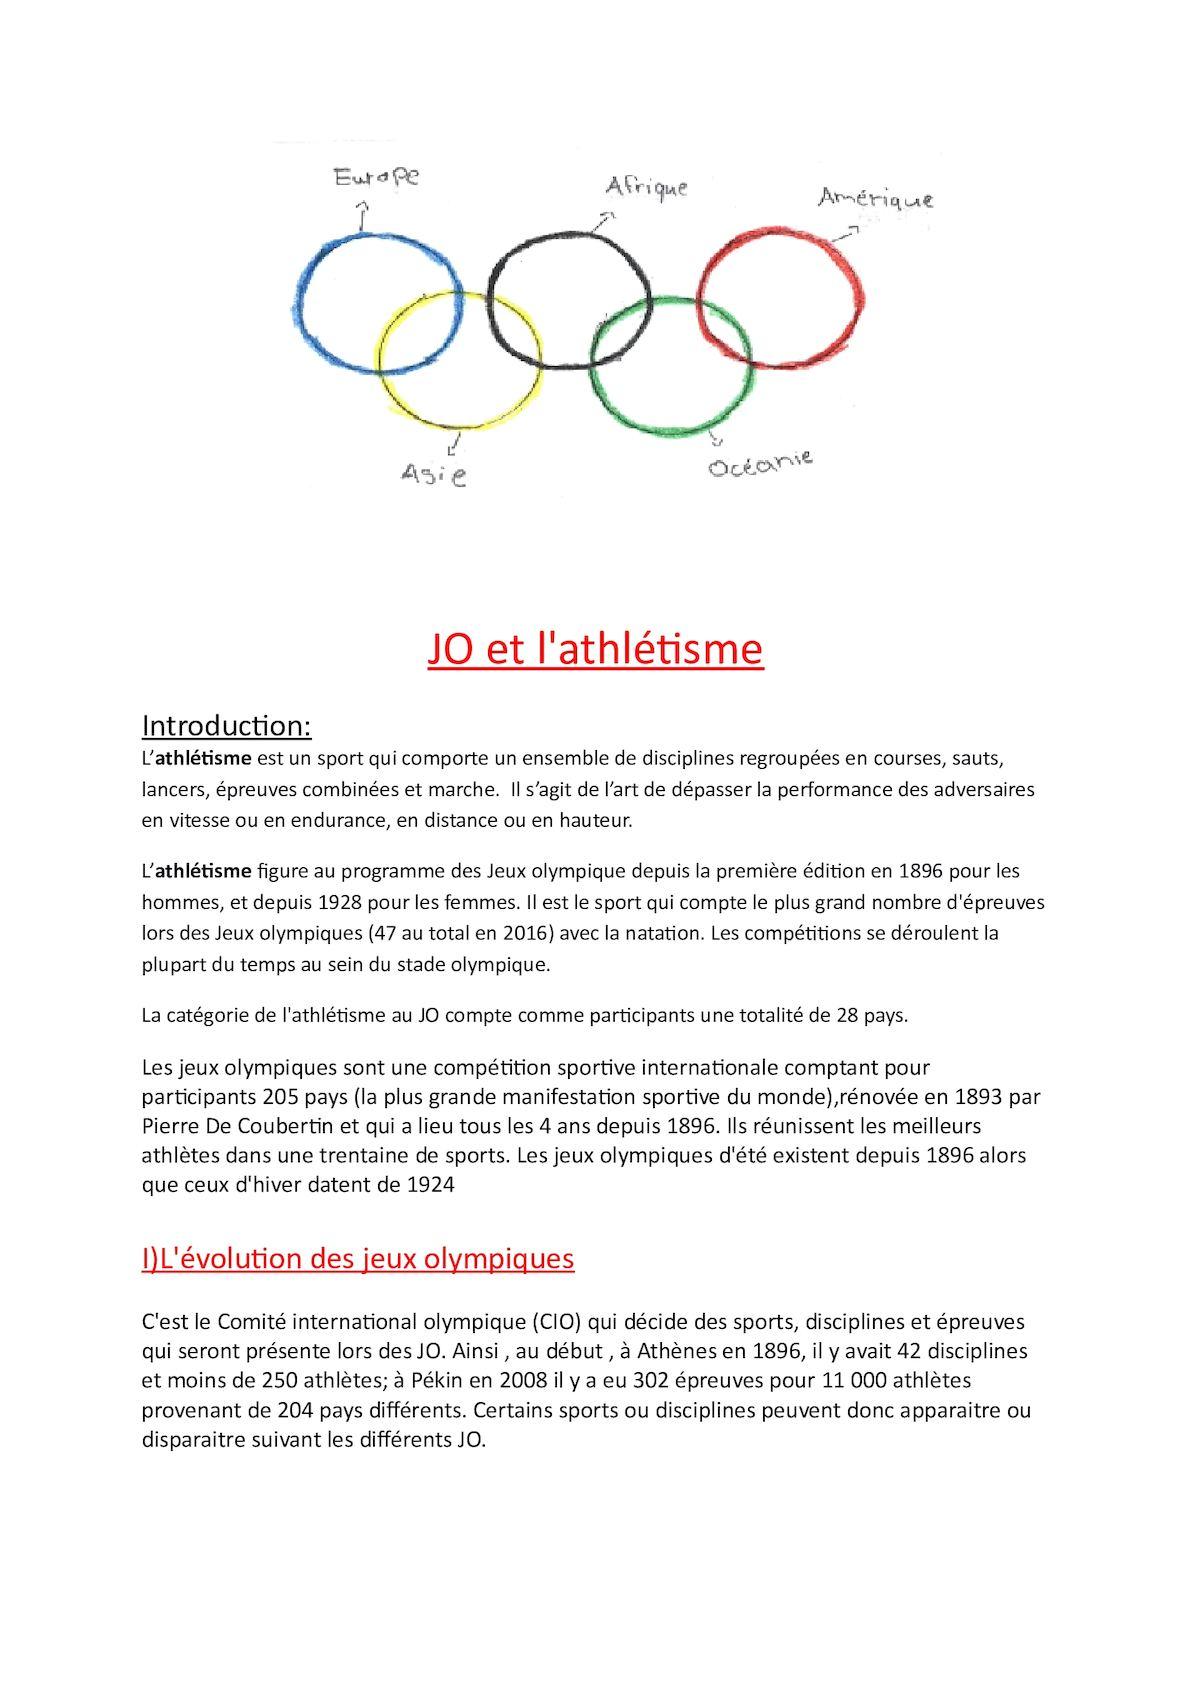 Jeux olympiques d'hiver datant App Mario datant dez